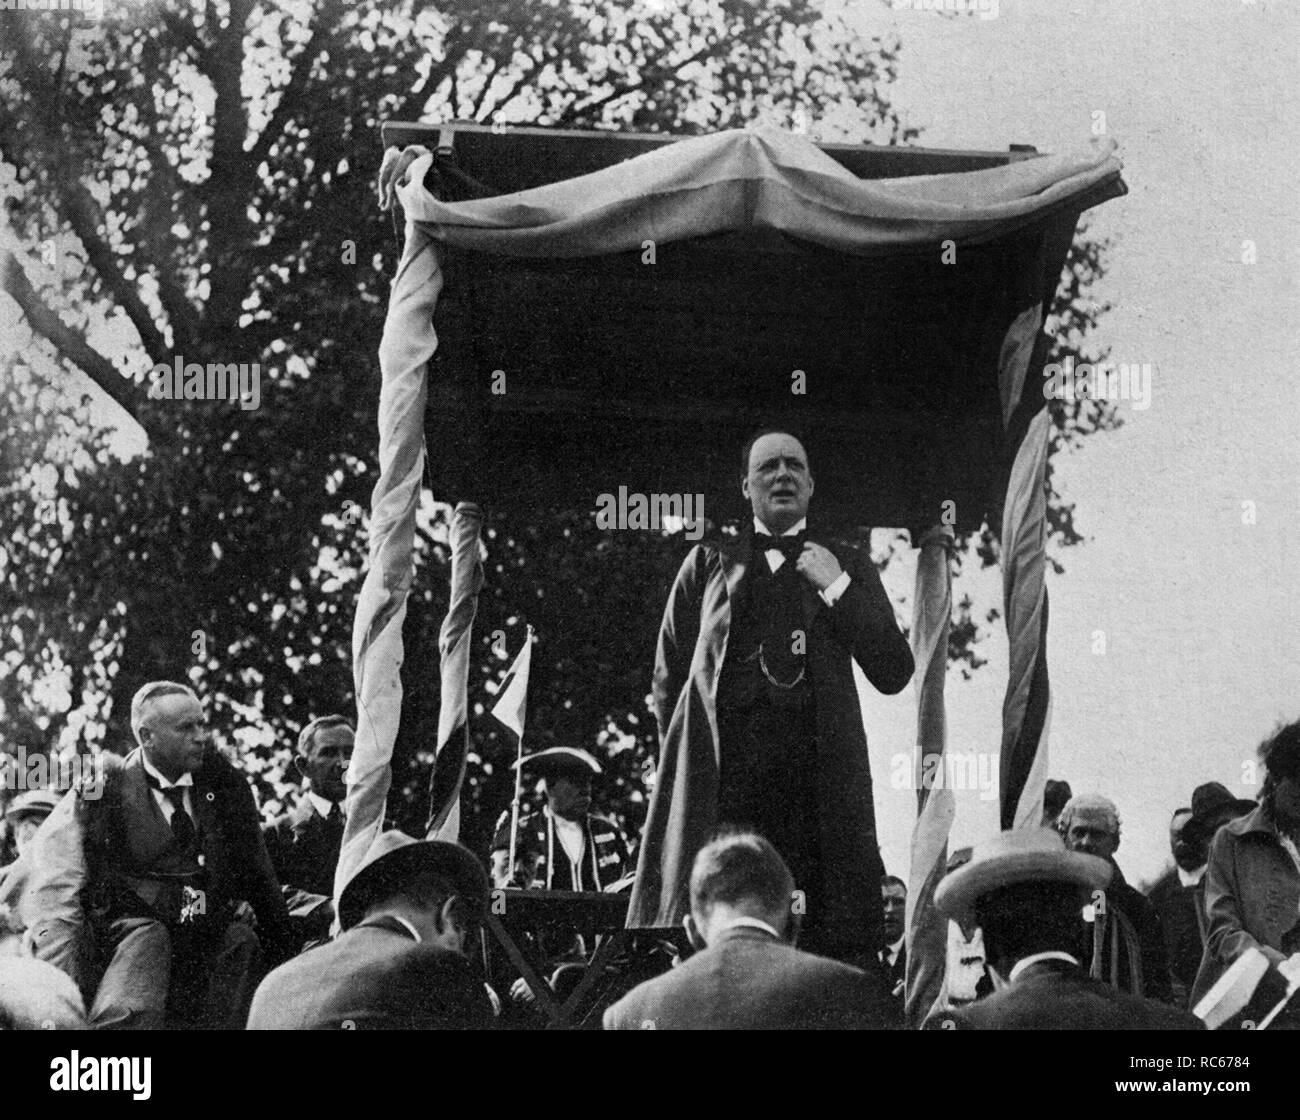 Winston Churchill speaking at Chelmsford, 9th September 1916 - Stock Image